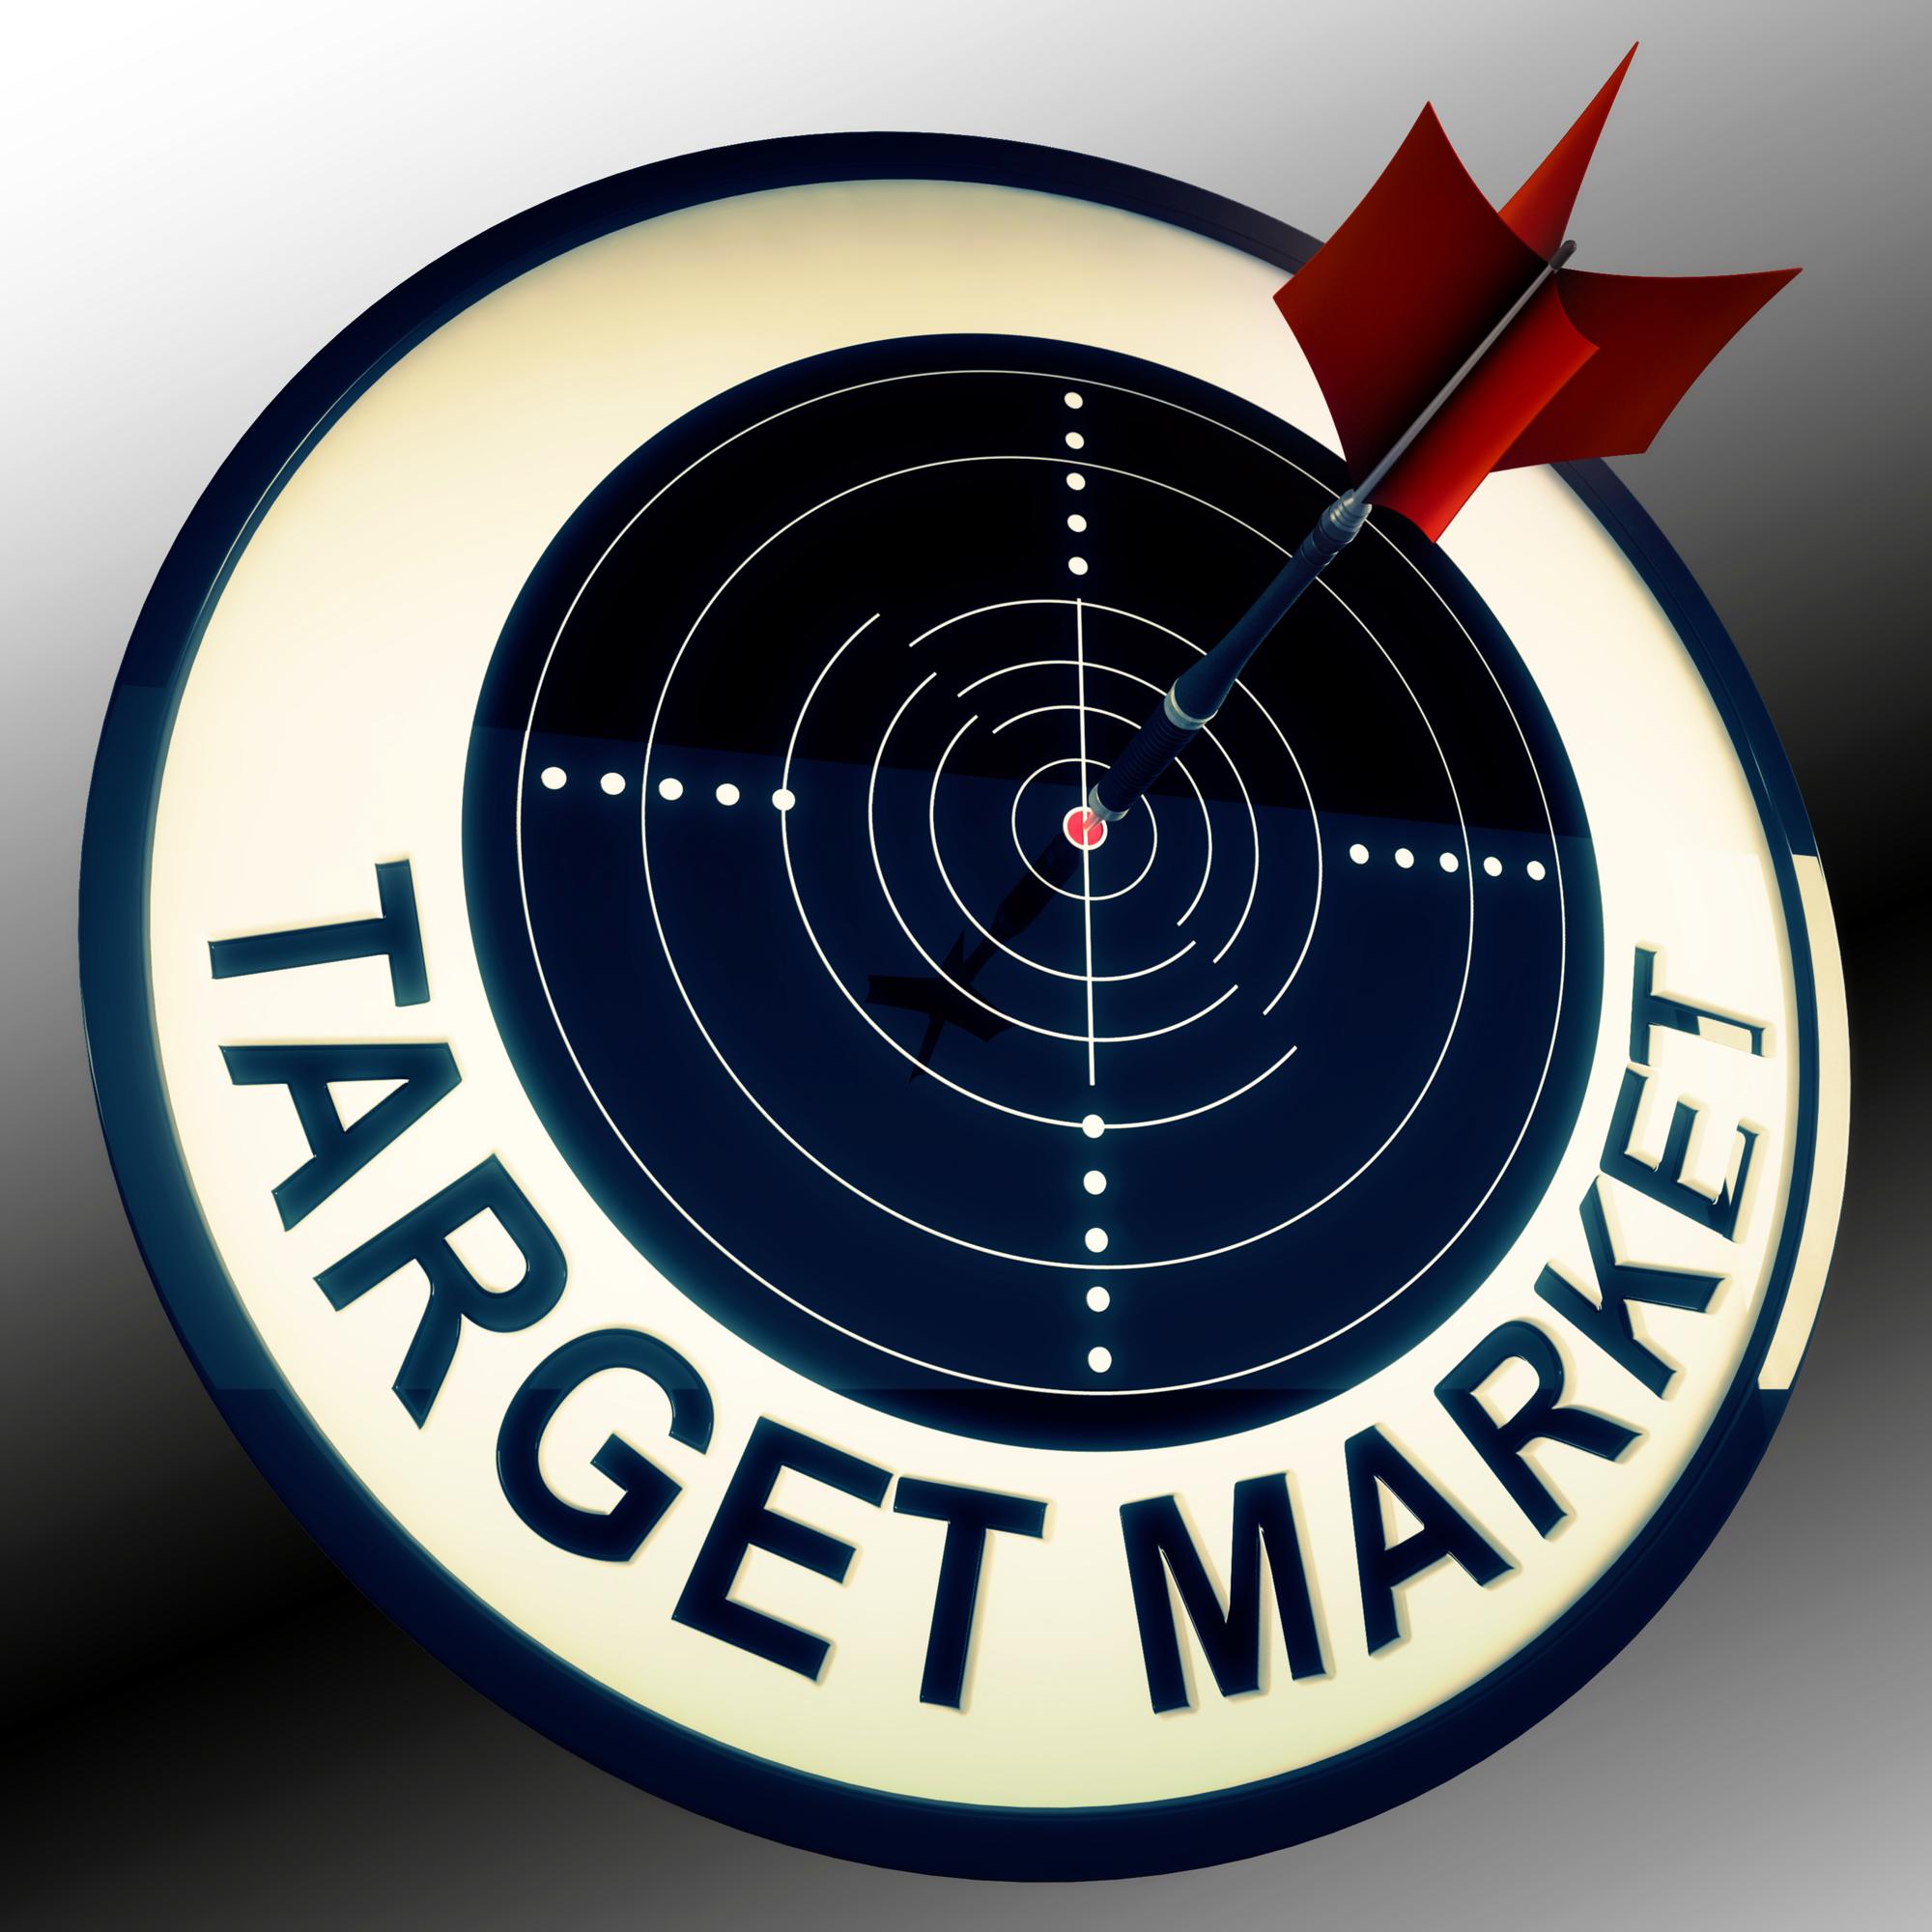 המיזם MySupermarket בכנס בקמפוס של גוגל